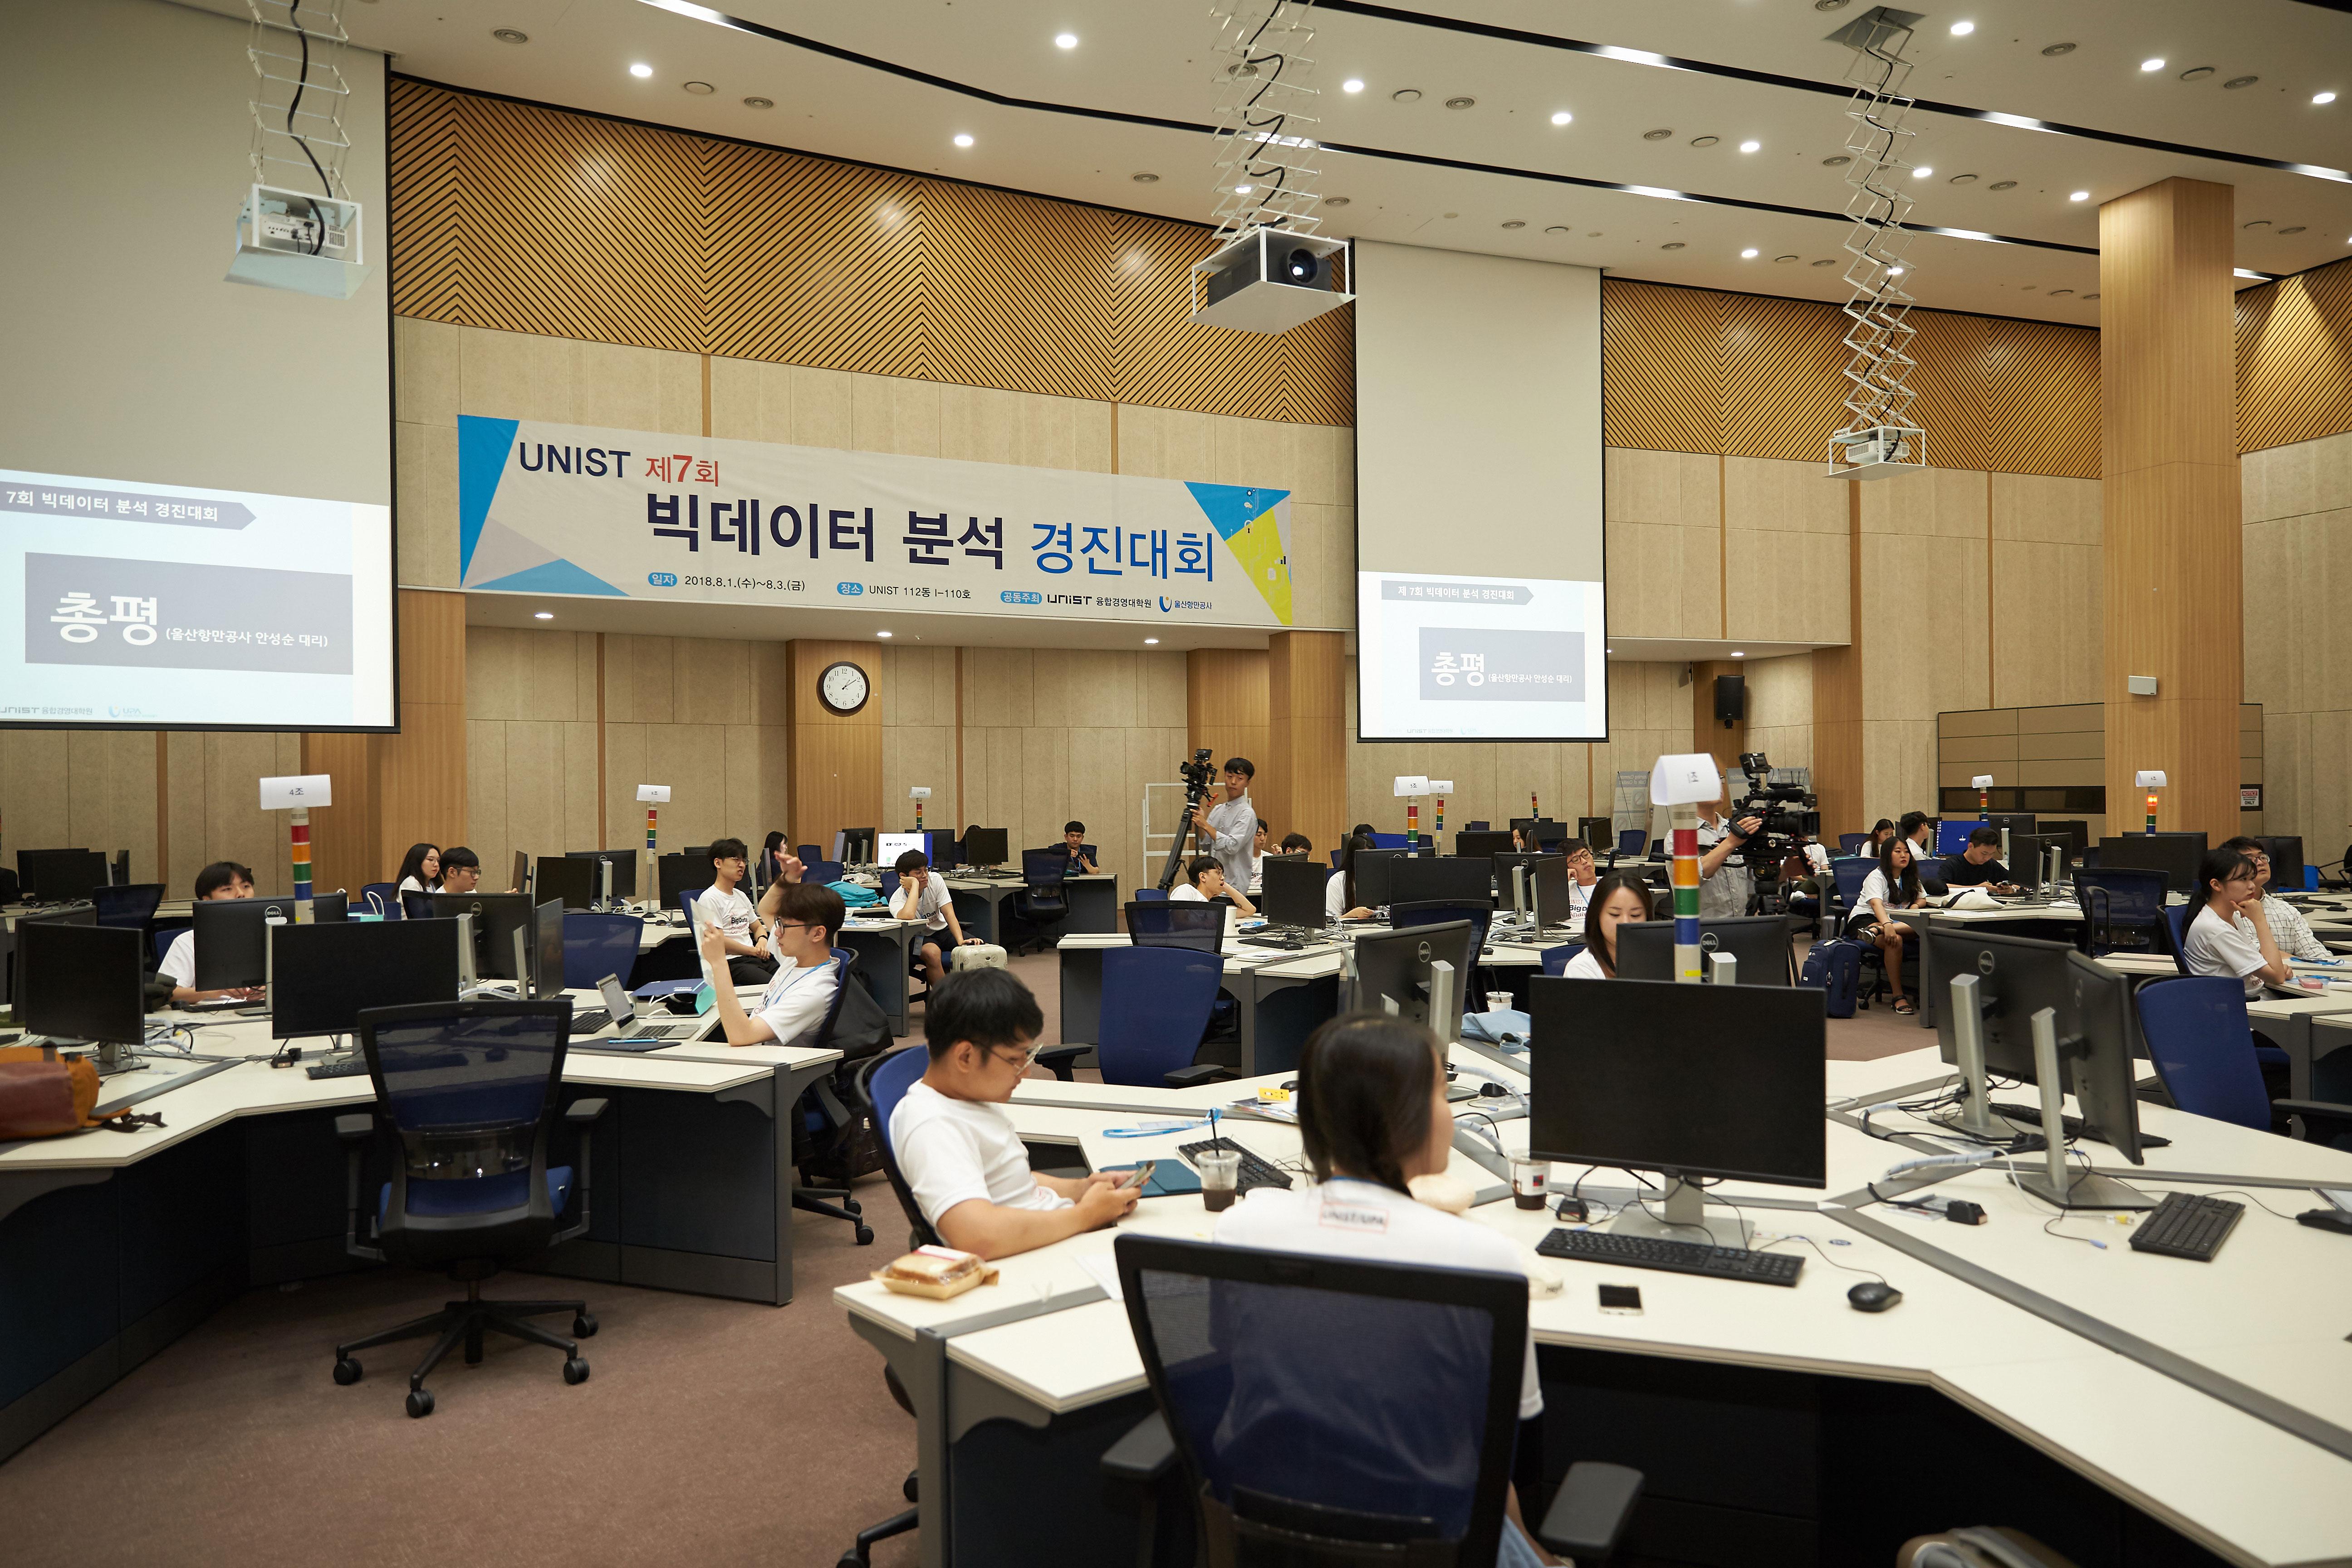 학생들은 110동 L/C Room에서 프로젝트 수행 결과를 발표했다. | 사진: 김경채